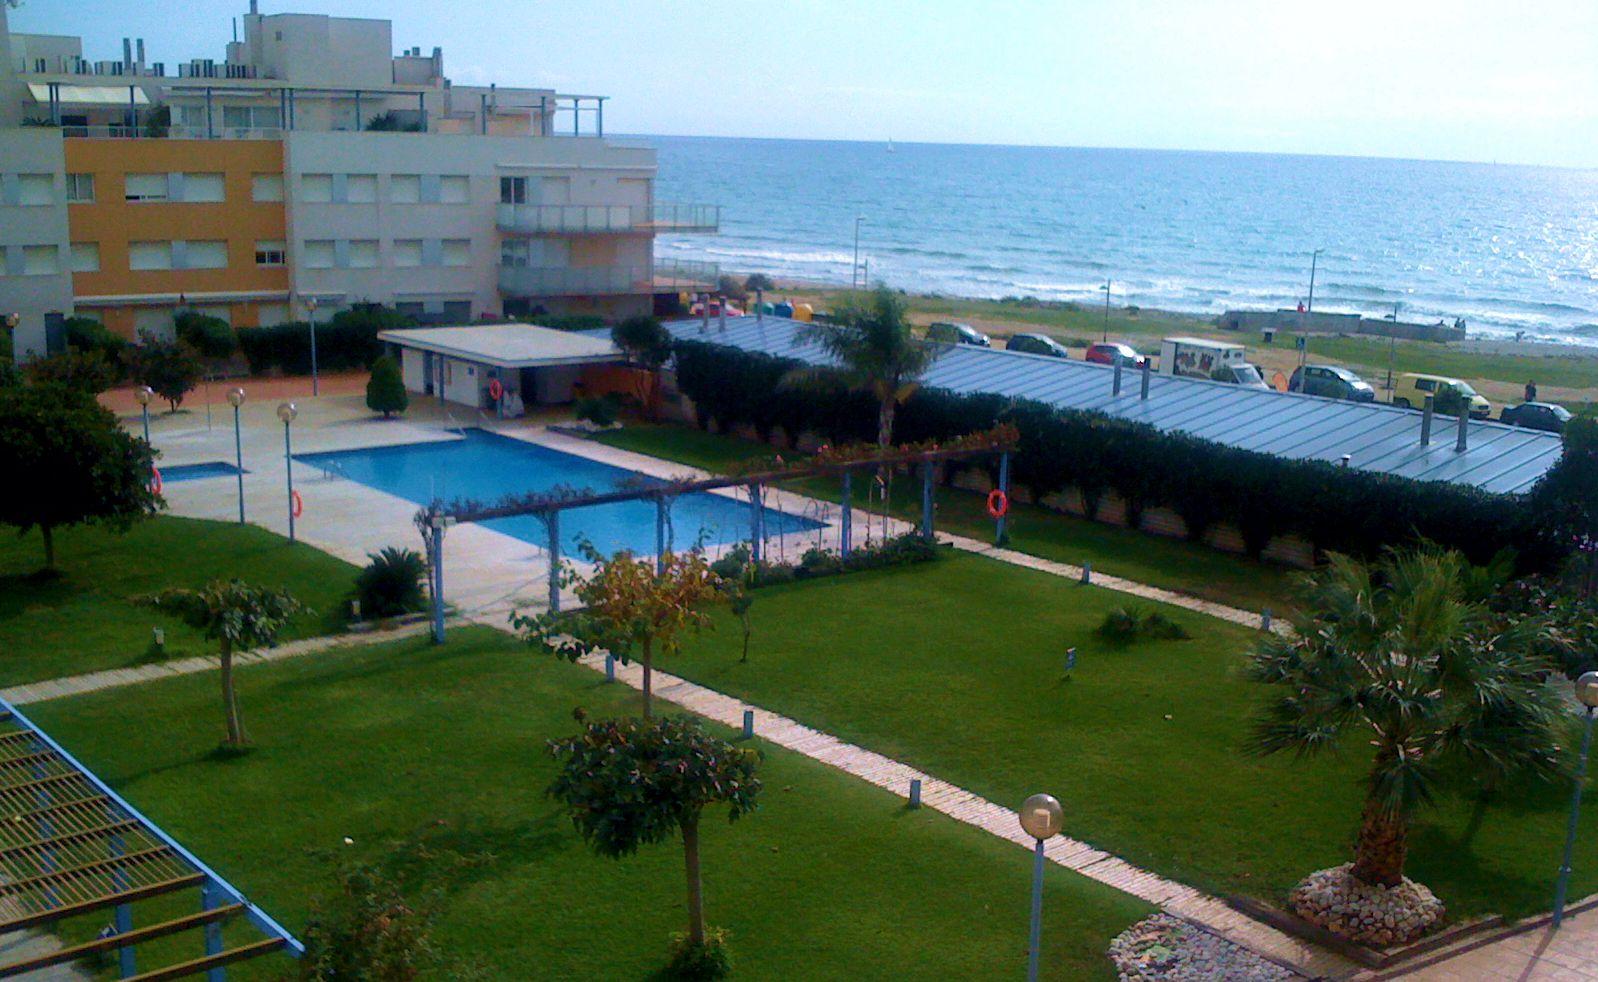 Apartamento en alquiler vacacional con piscina en for Apartamentos alquiler con piscina